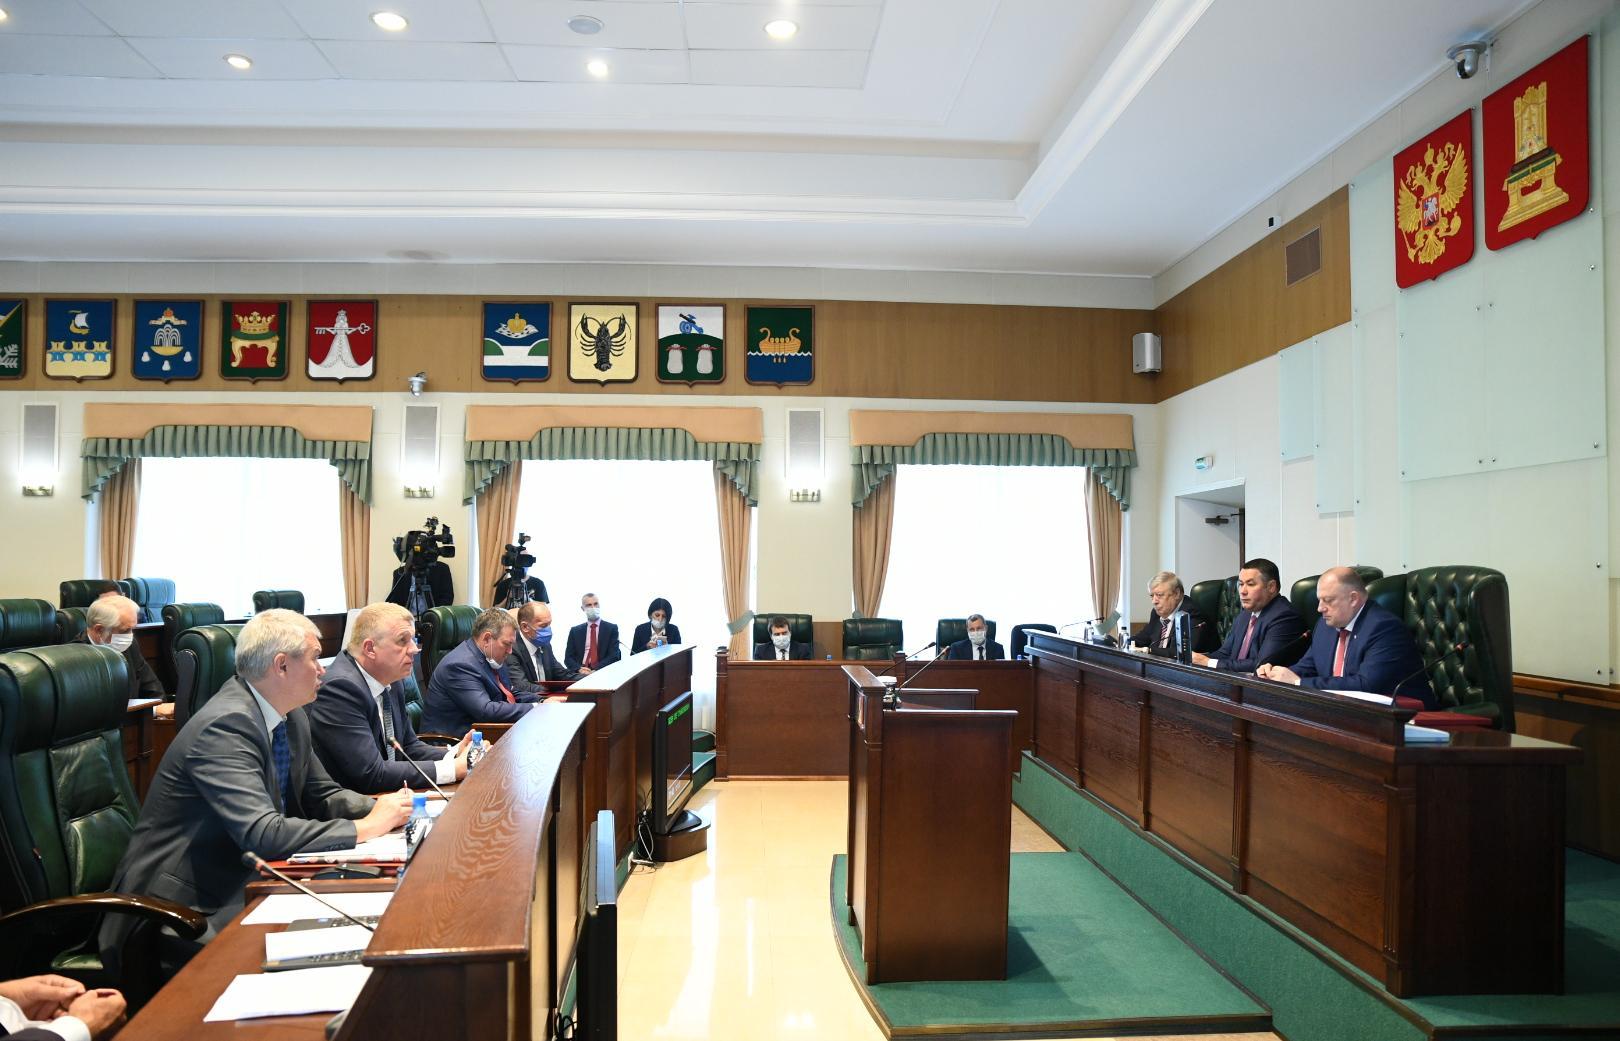 Игорь Руденя представил в Законодательном Собрании отчет об итогах работы правительства Тверской области в 2019 году - новости Афанасий